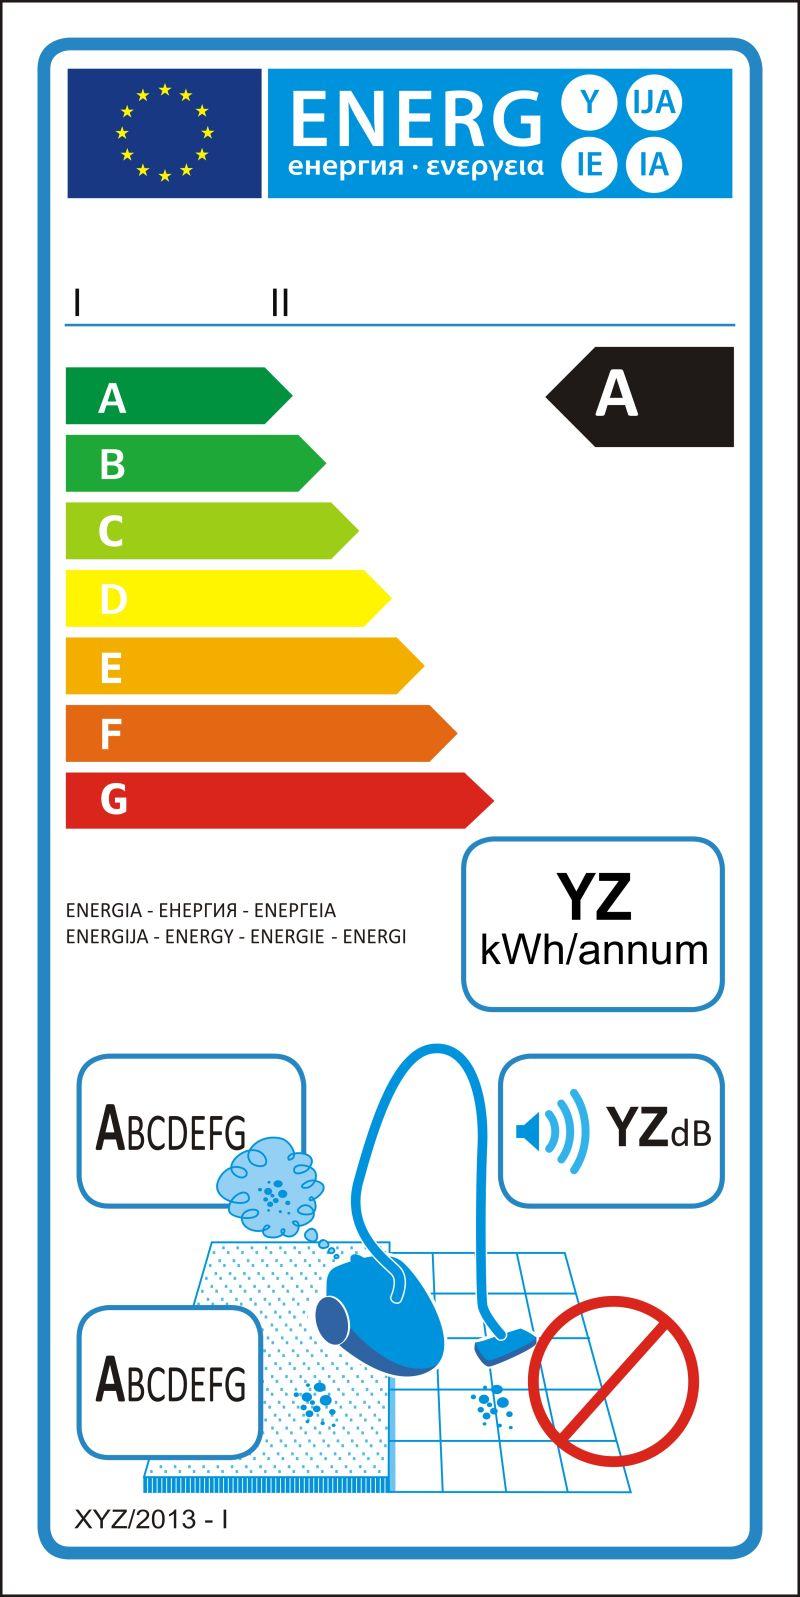 地毯真空吸尘器新能源等级图矢量标签